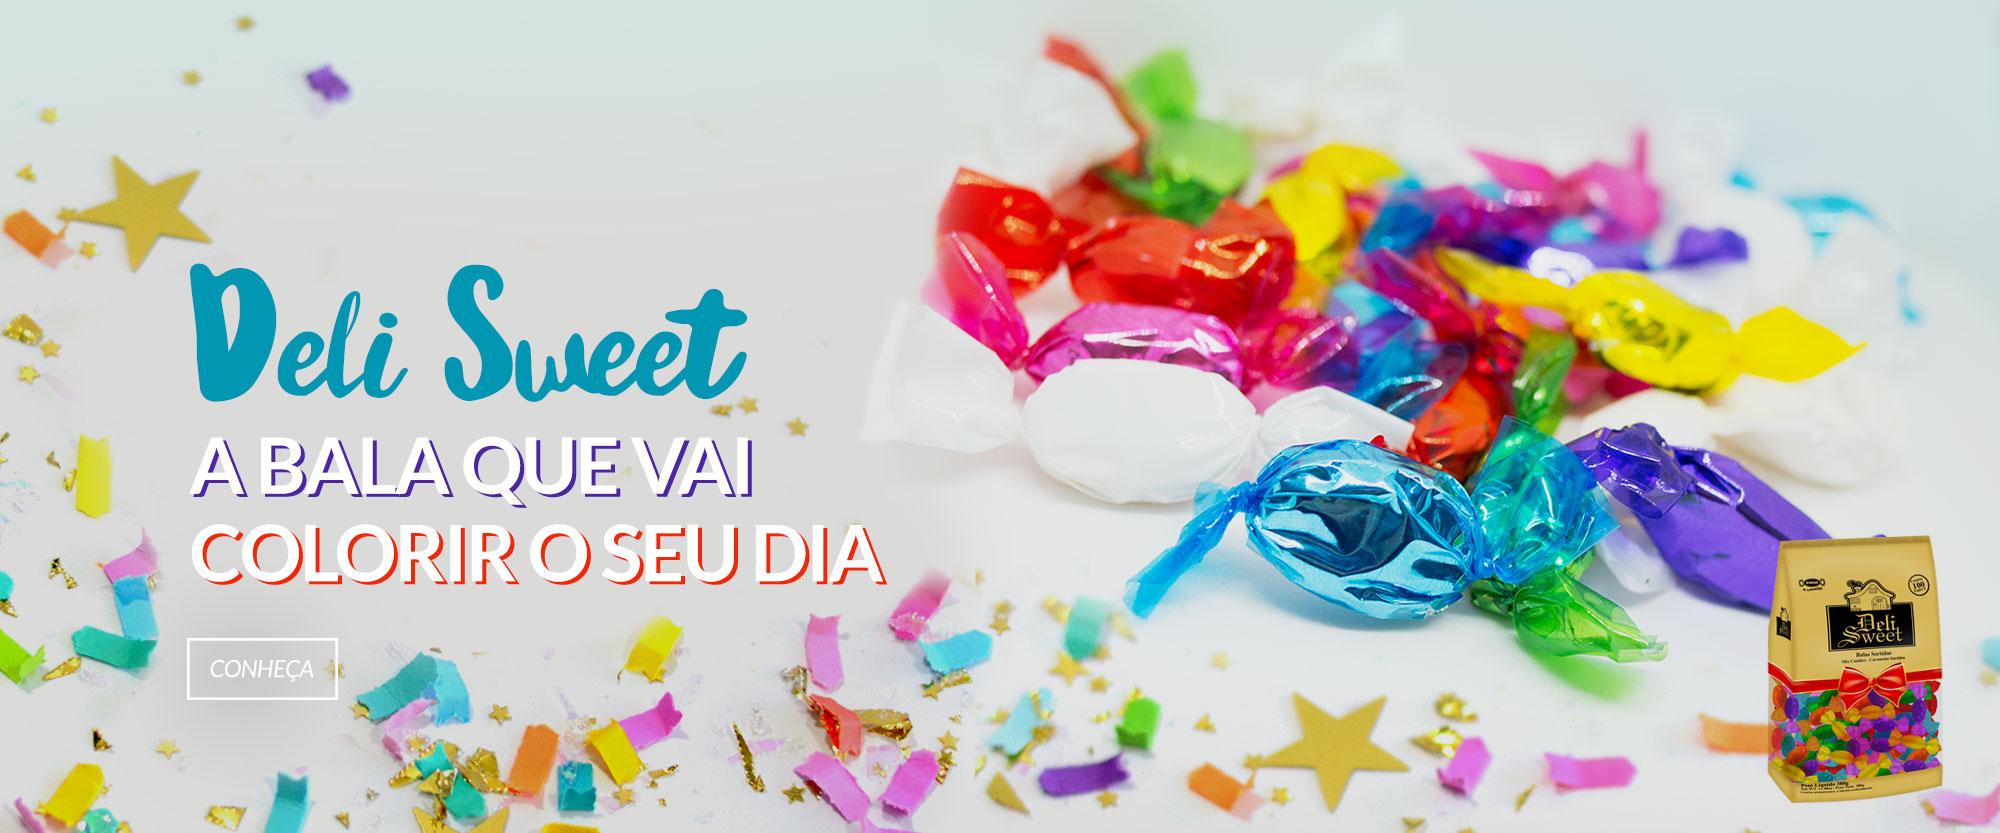 Deli Sweet - PT